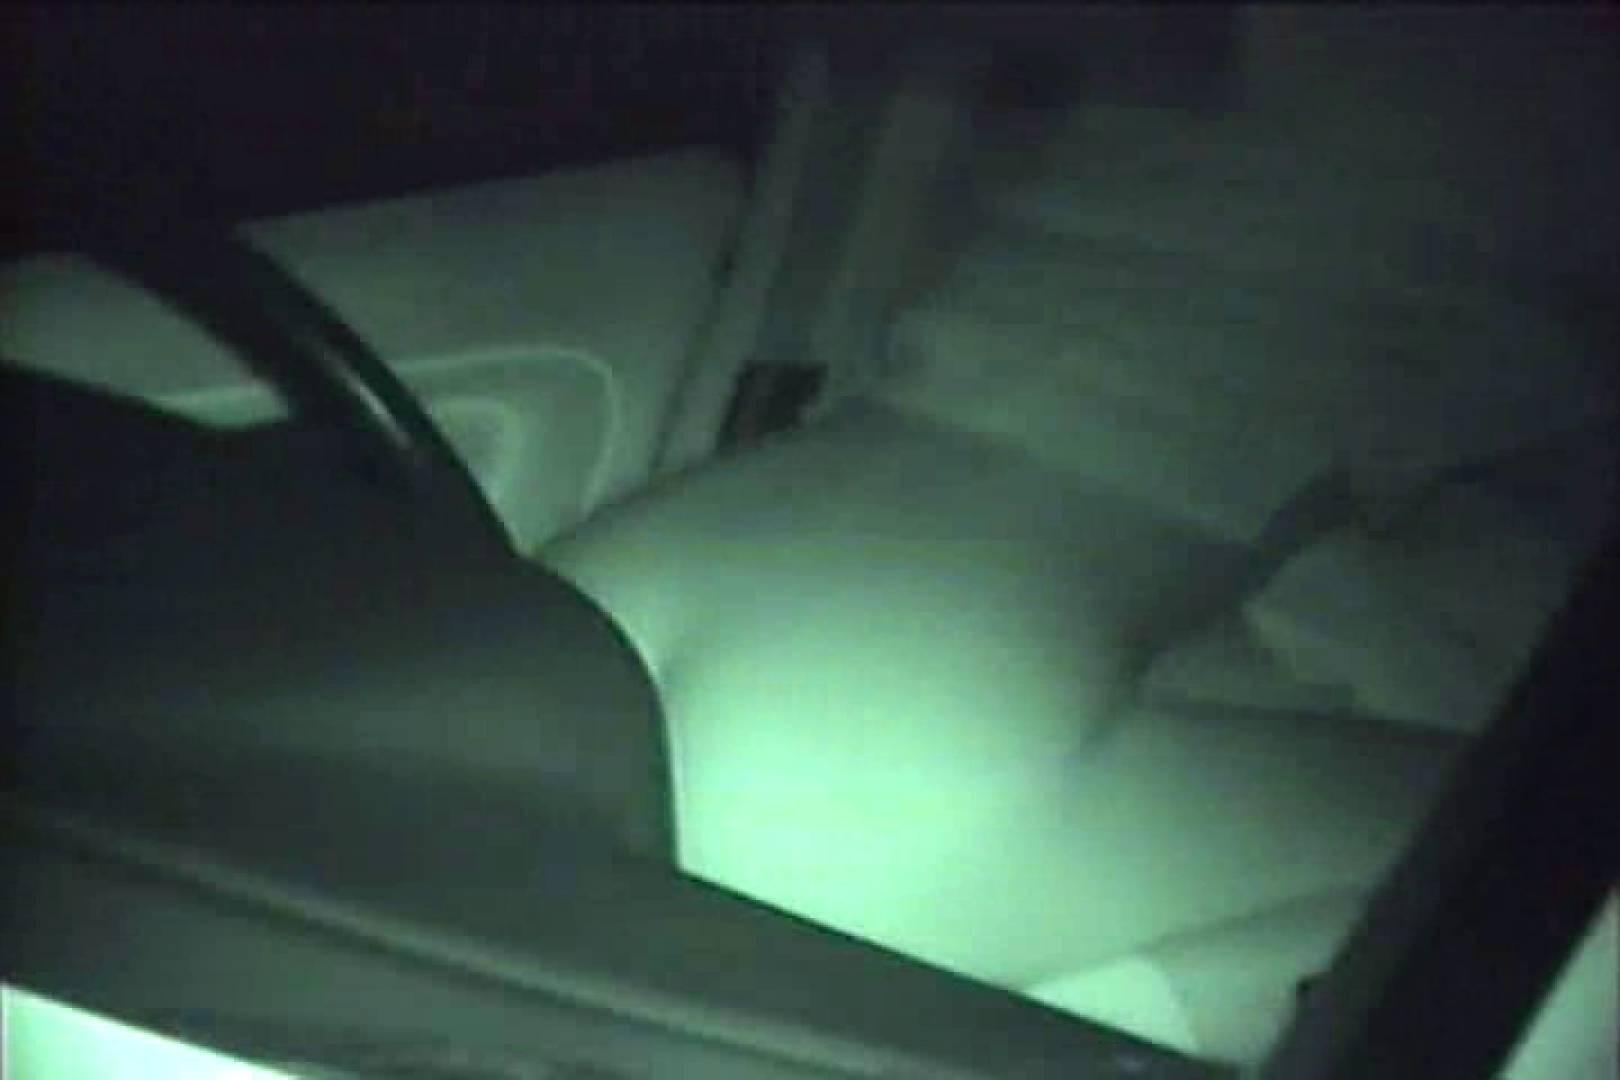 車の中はラブホテル 無修正版  Vol.17 マンコ映像 おめこ無修正動画無料 104連発 21